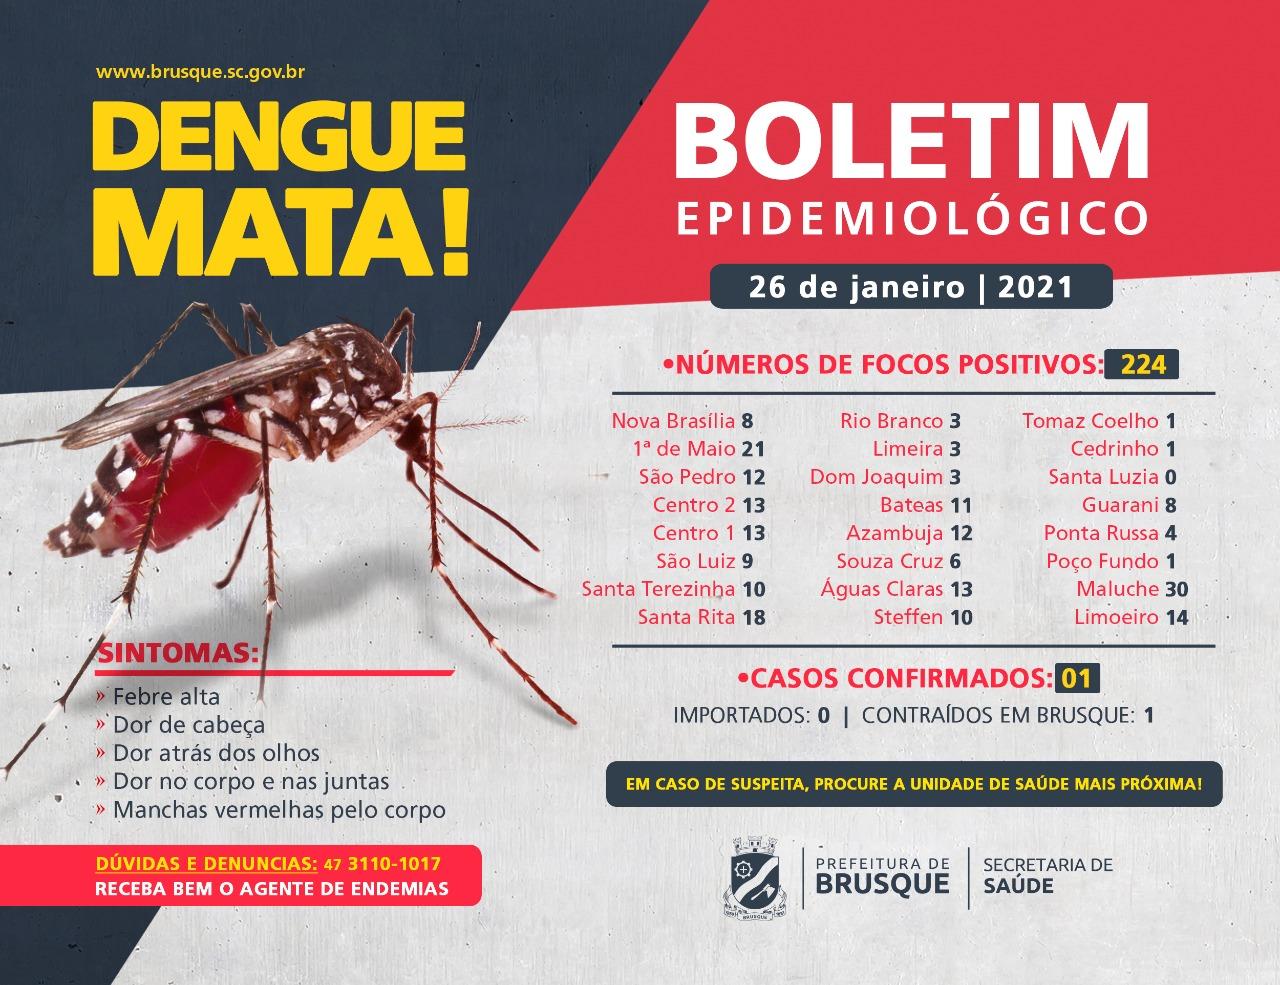 Confira o boletim epidemiológico da dengue desta terça-feira (26)